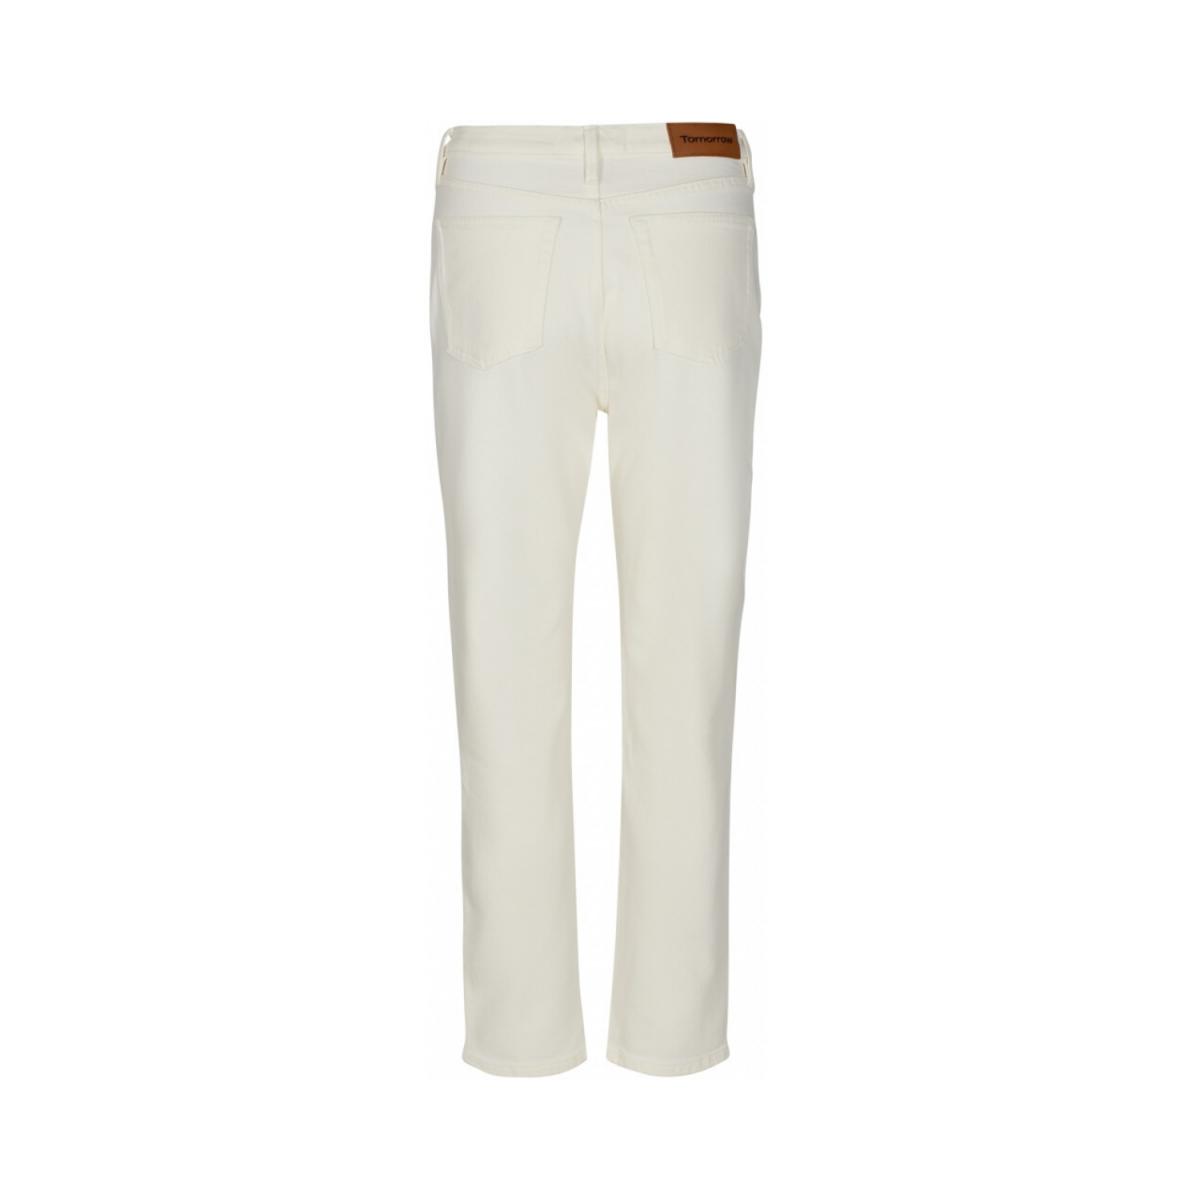 teresa regular jeans - ecru - bag